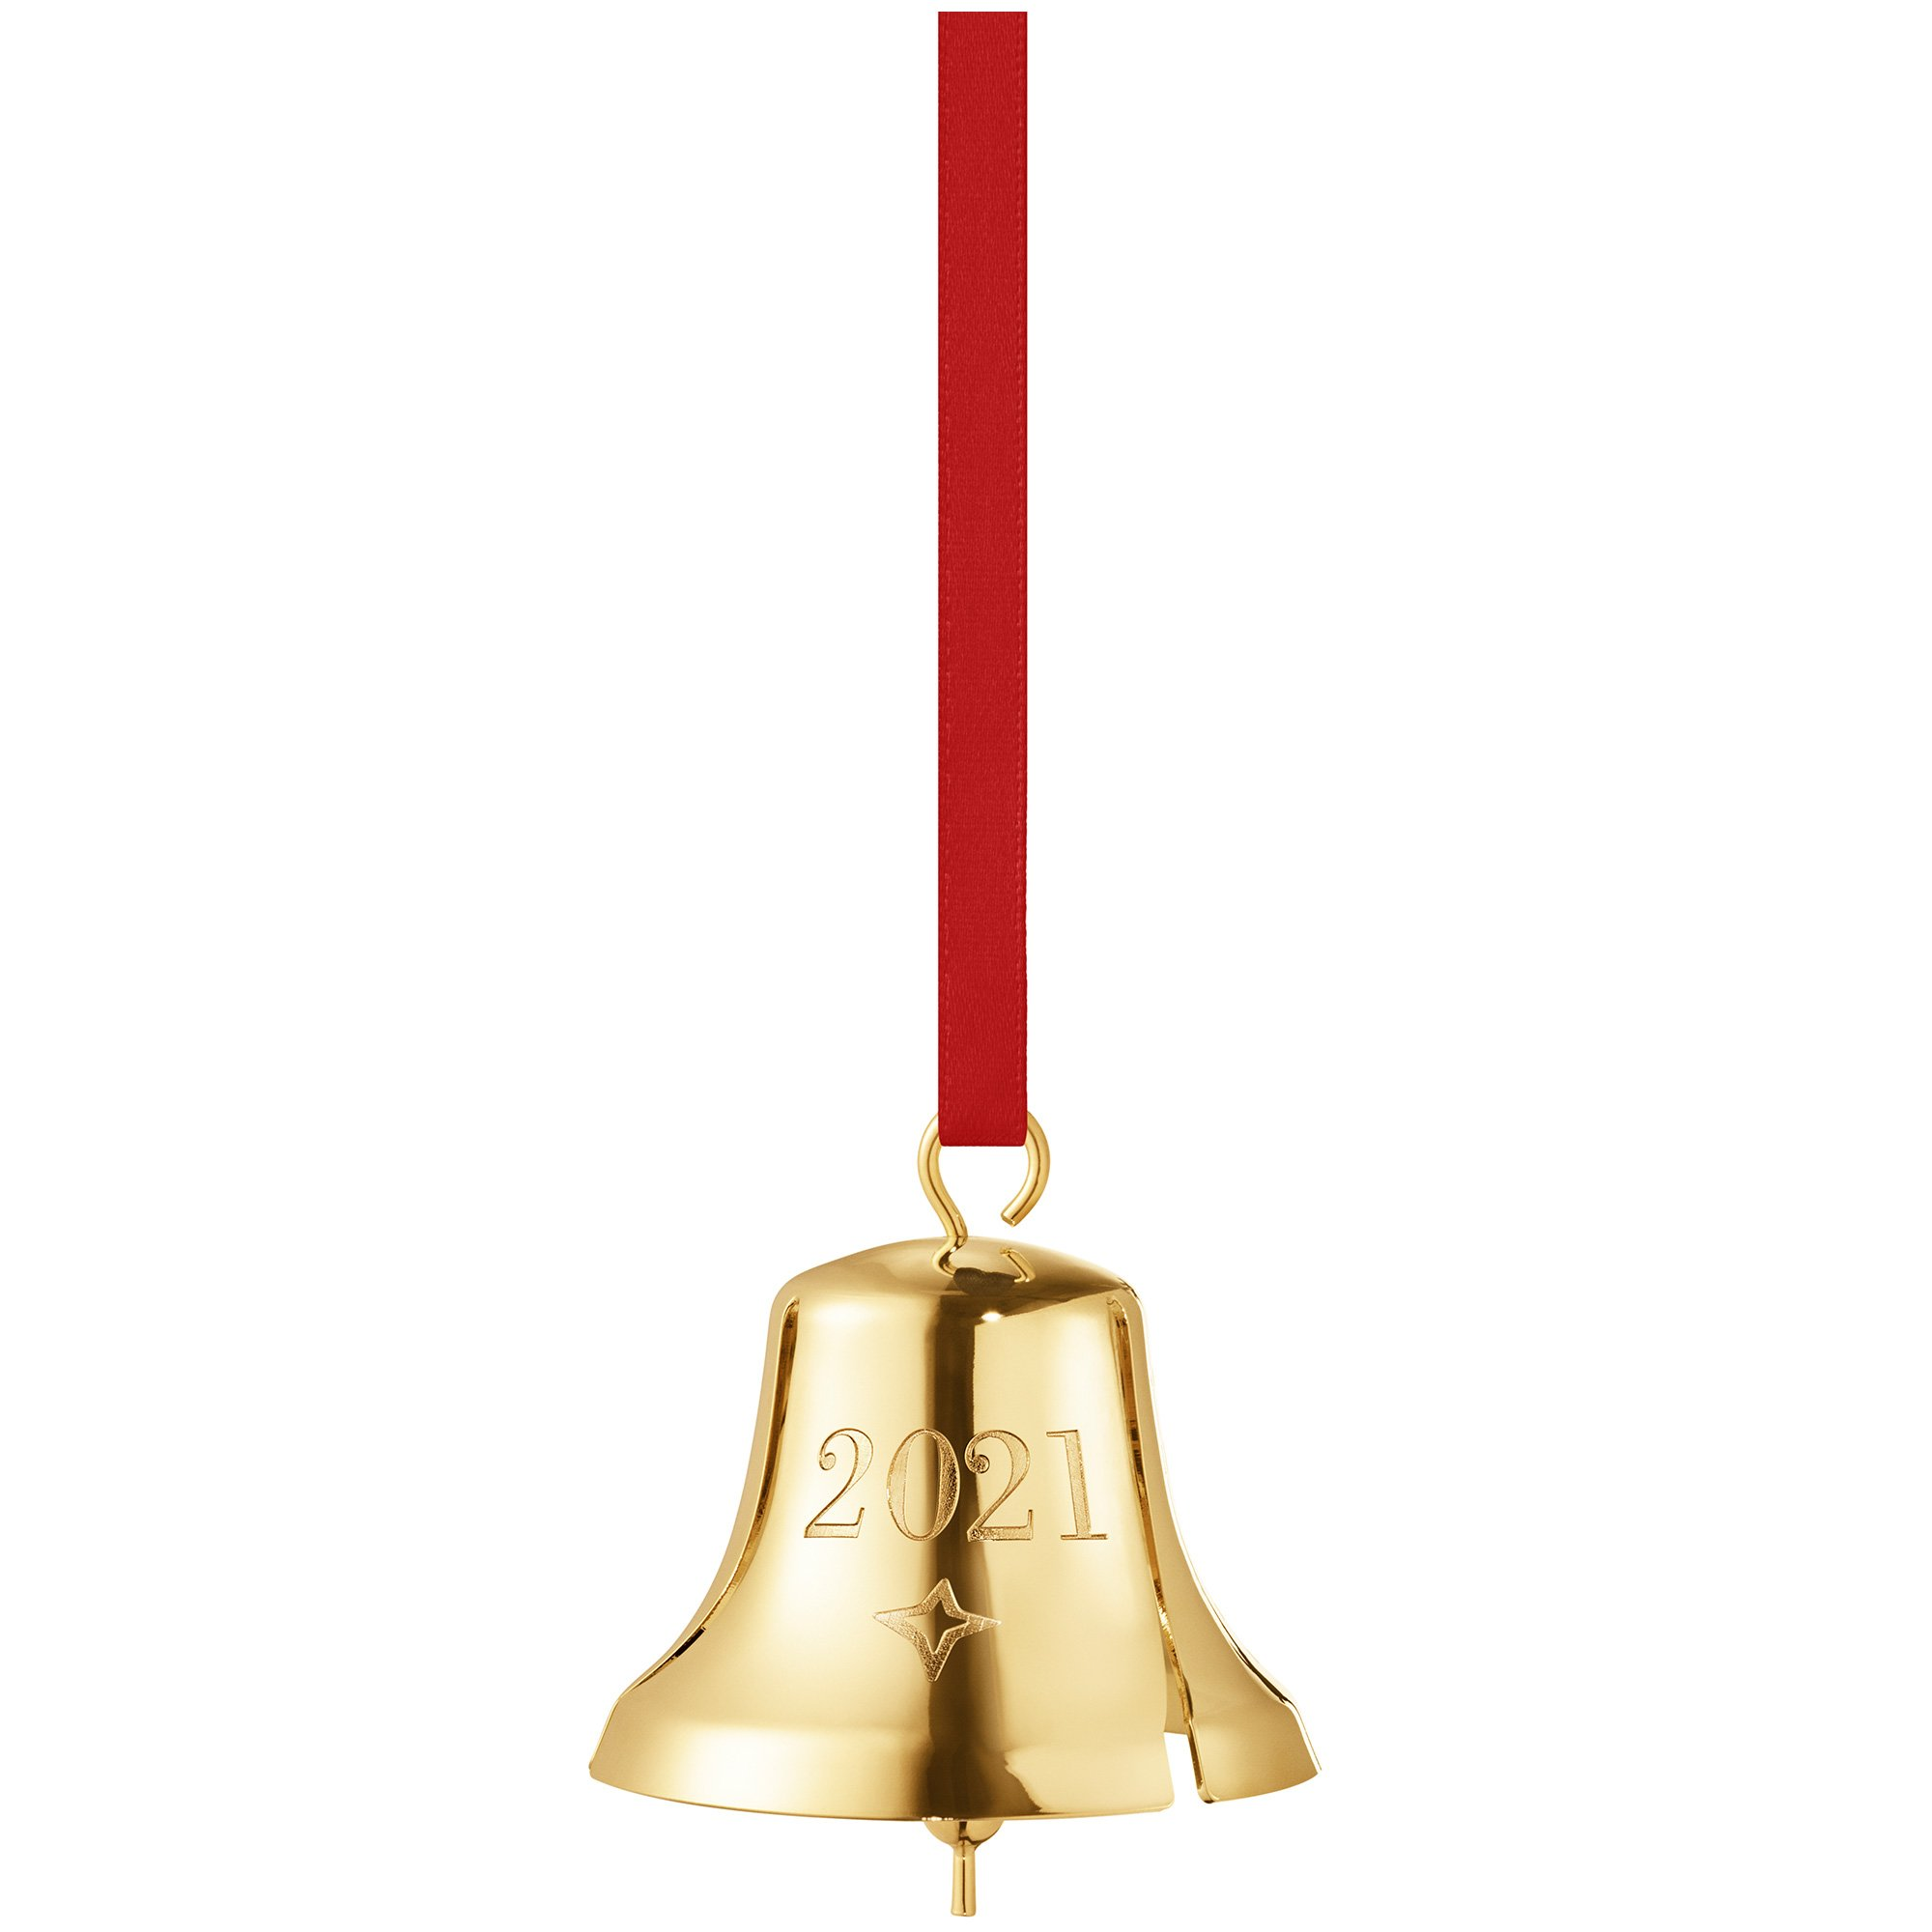 Georg Jensen 2021 juleklokke, guld